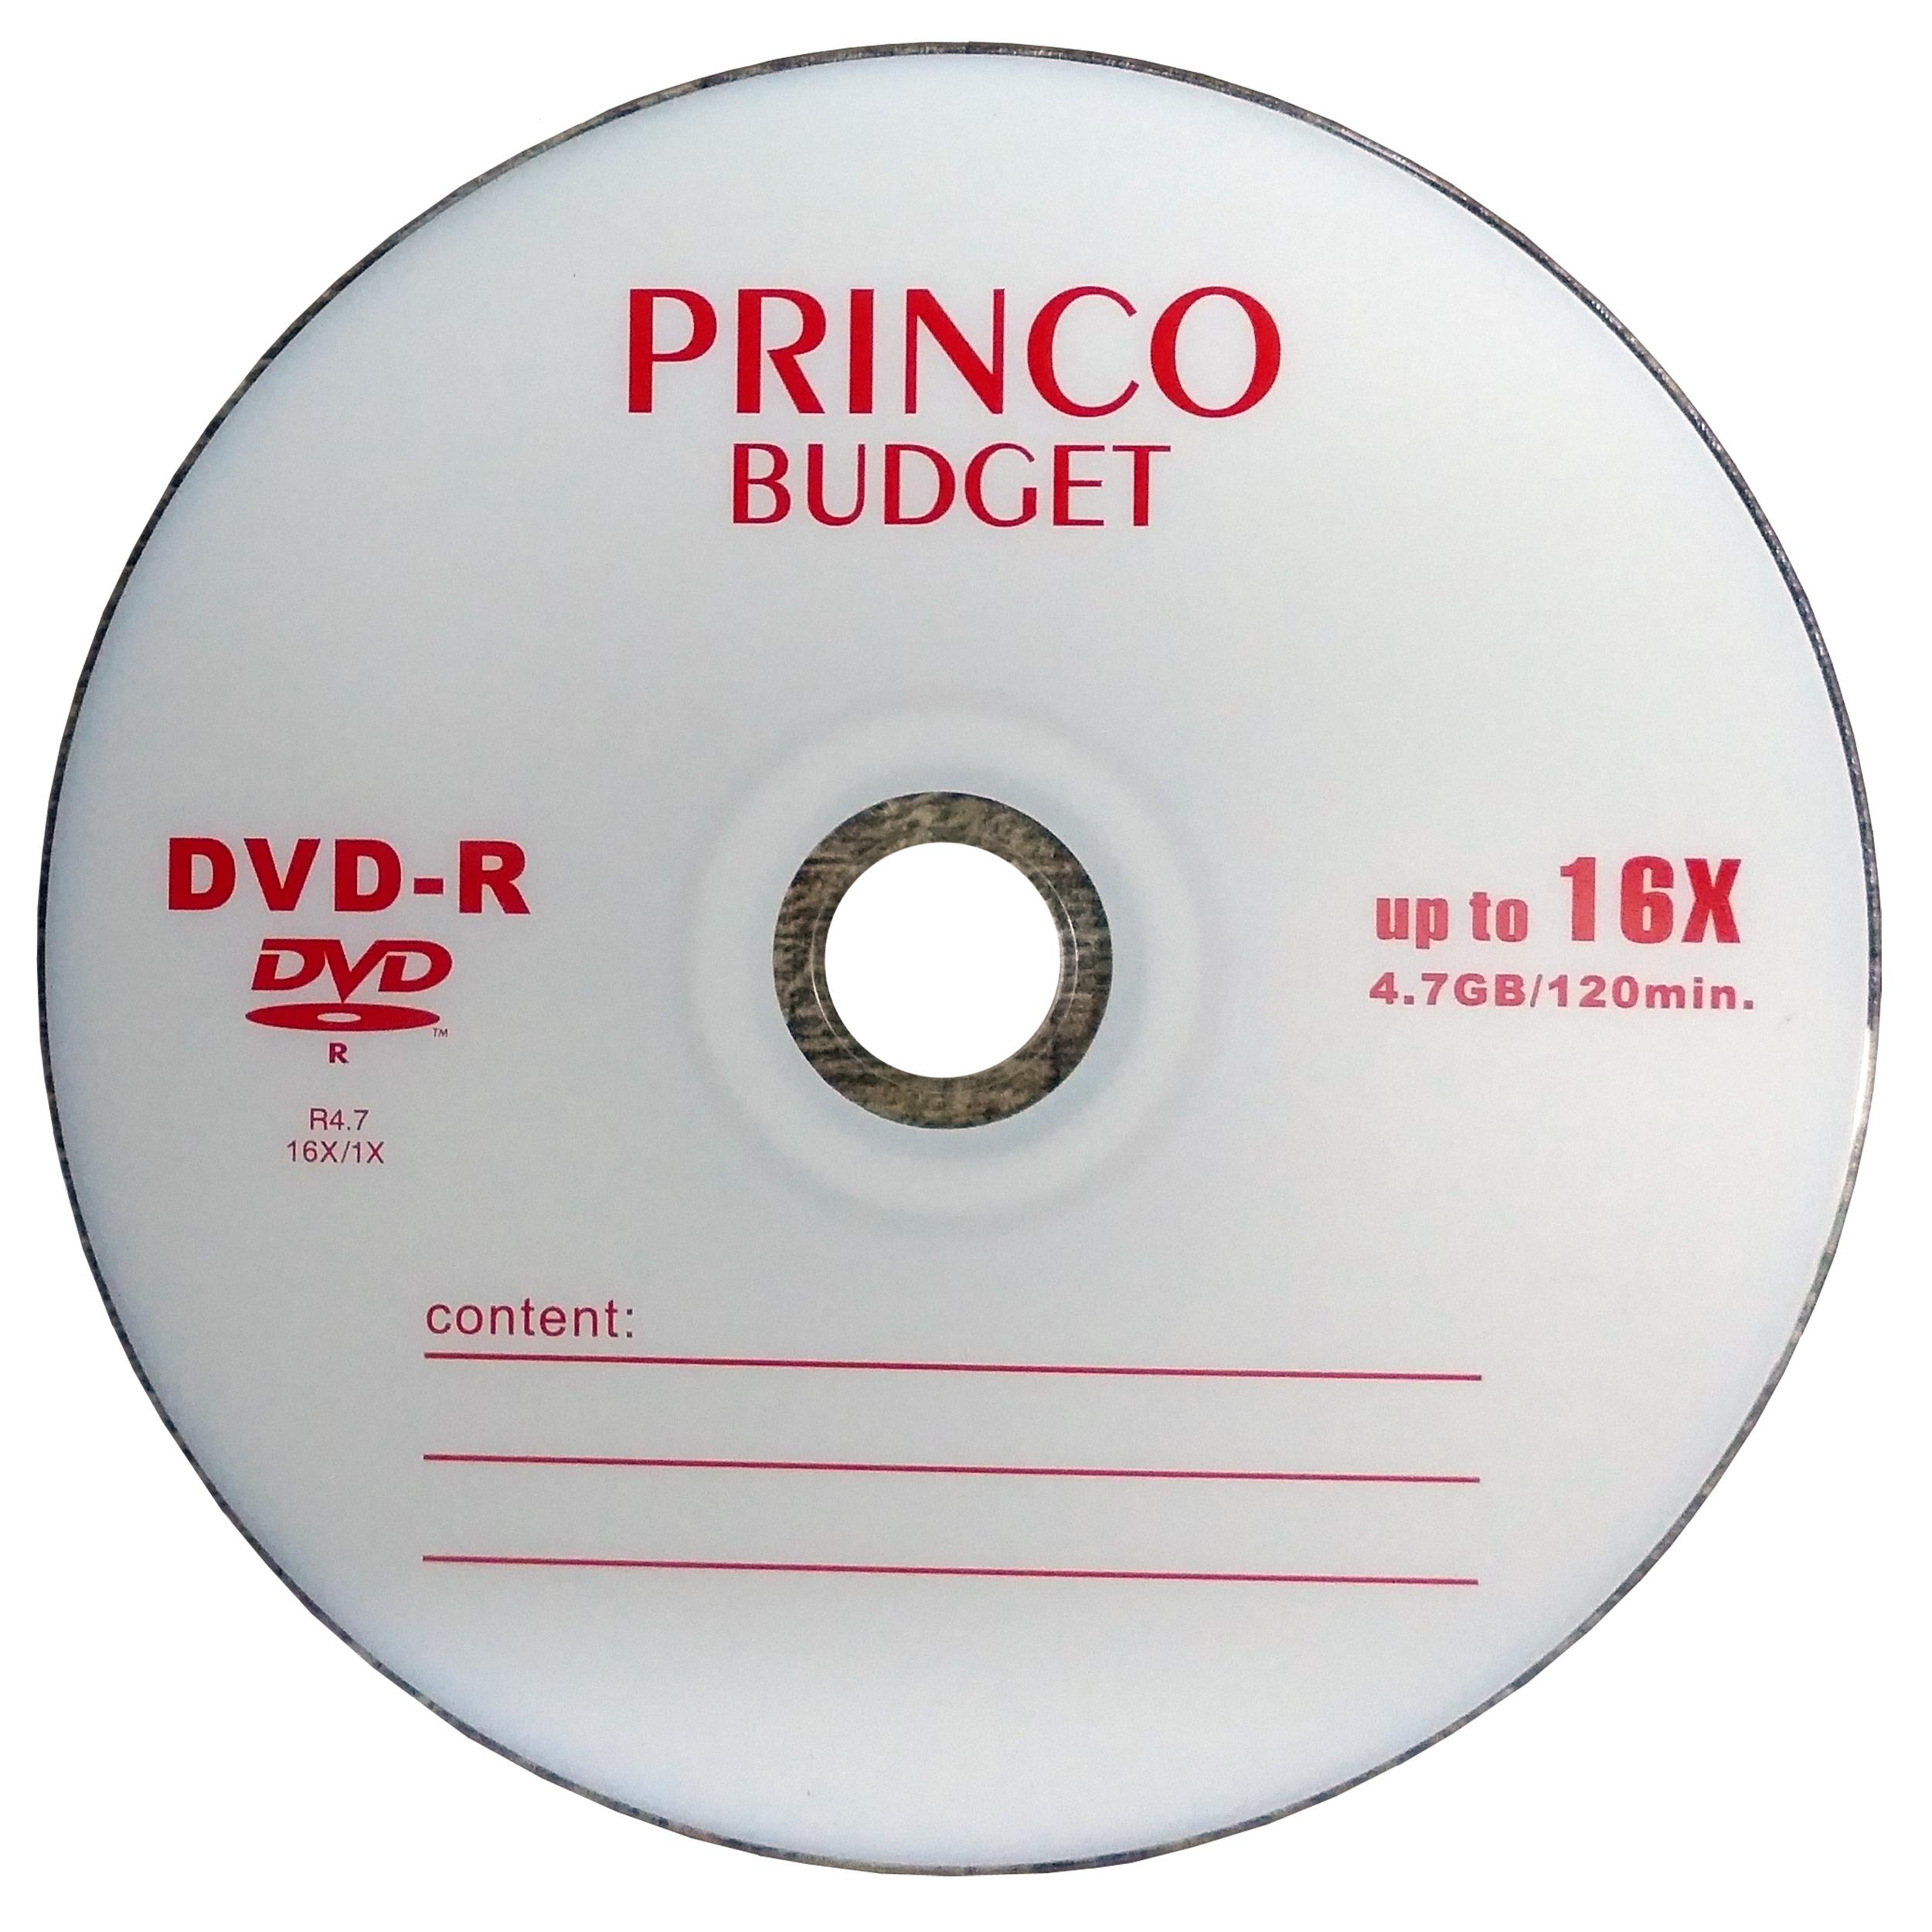 خرید اینترنتی دی وی دی خام پرینکو کد 111 بسته 4 عددی با قیمت مناسب